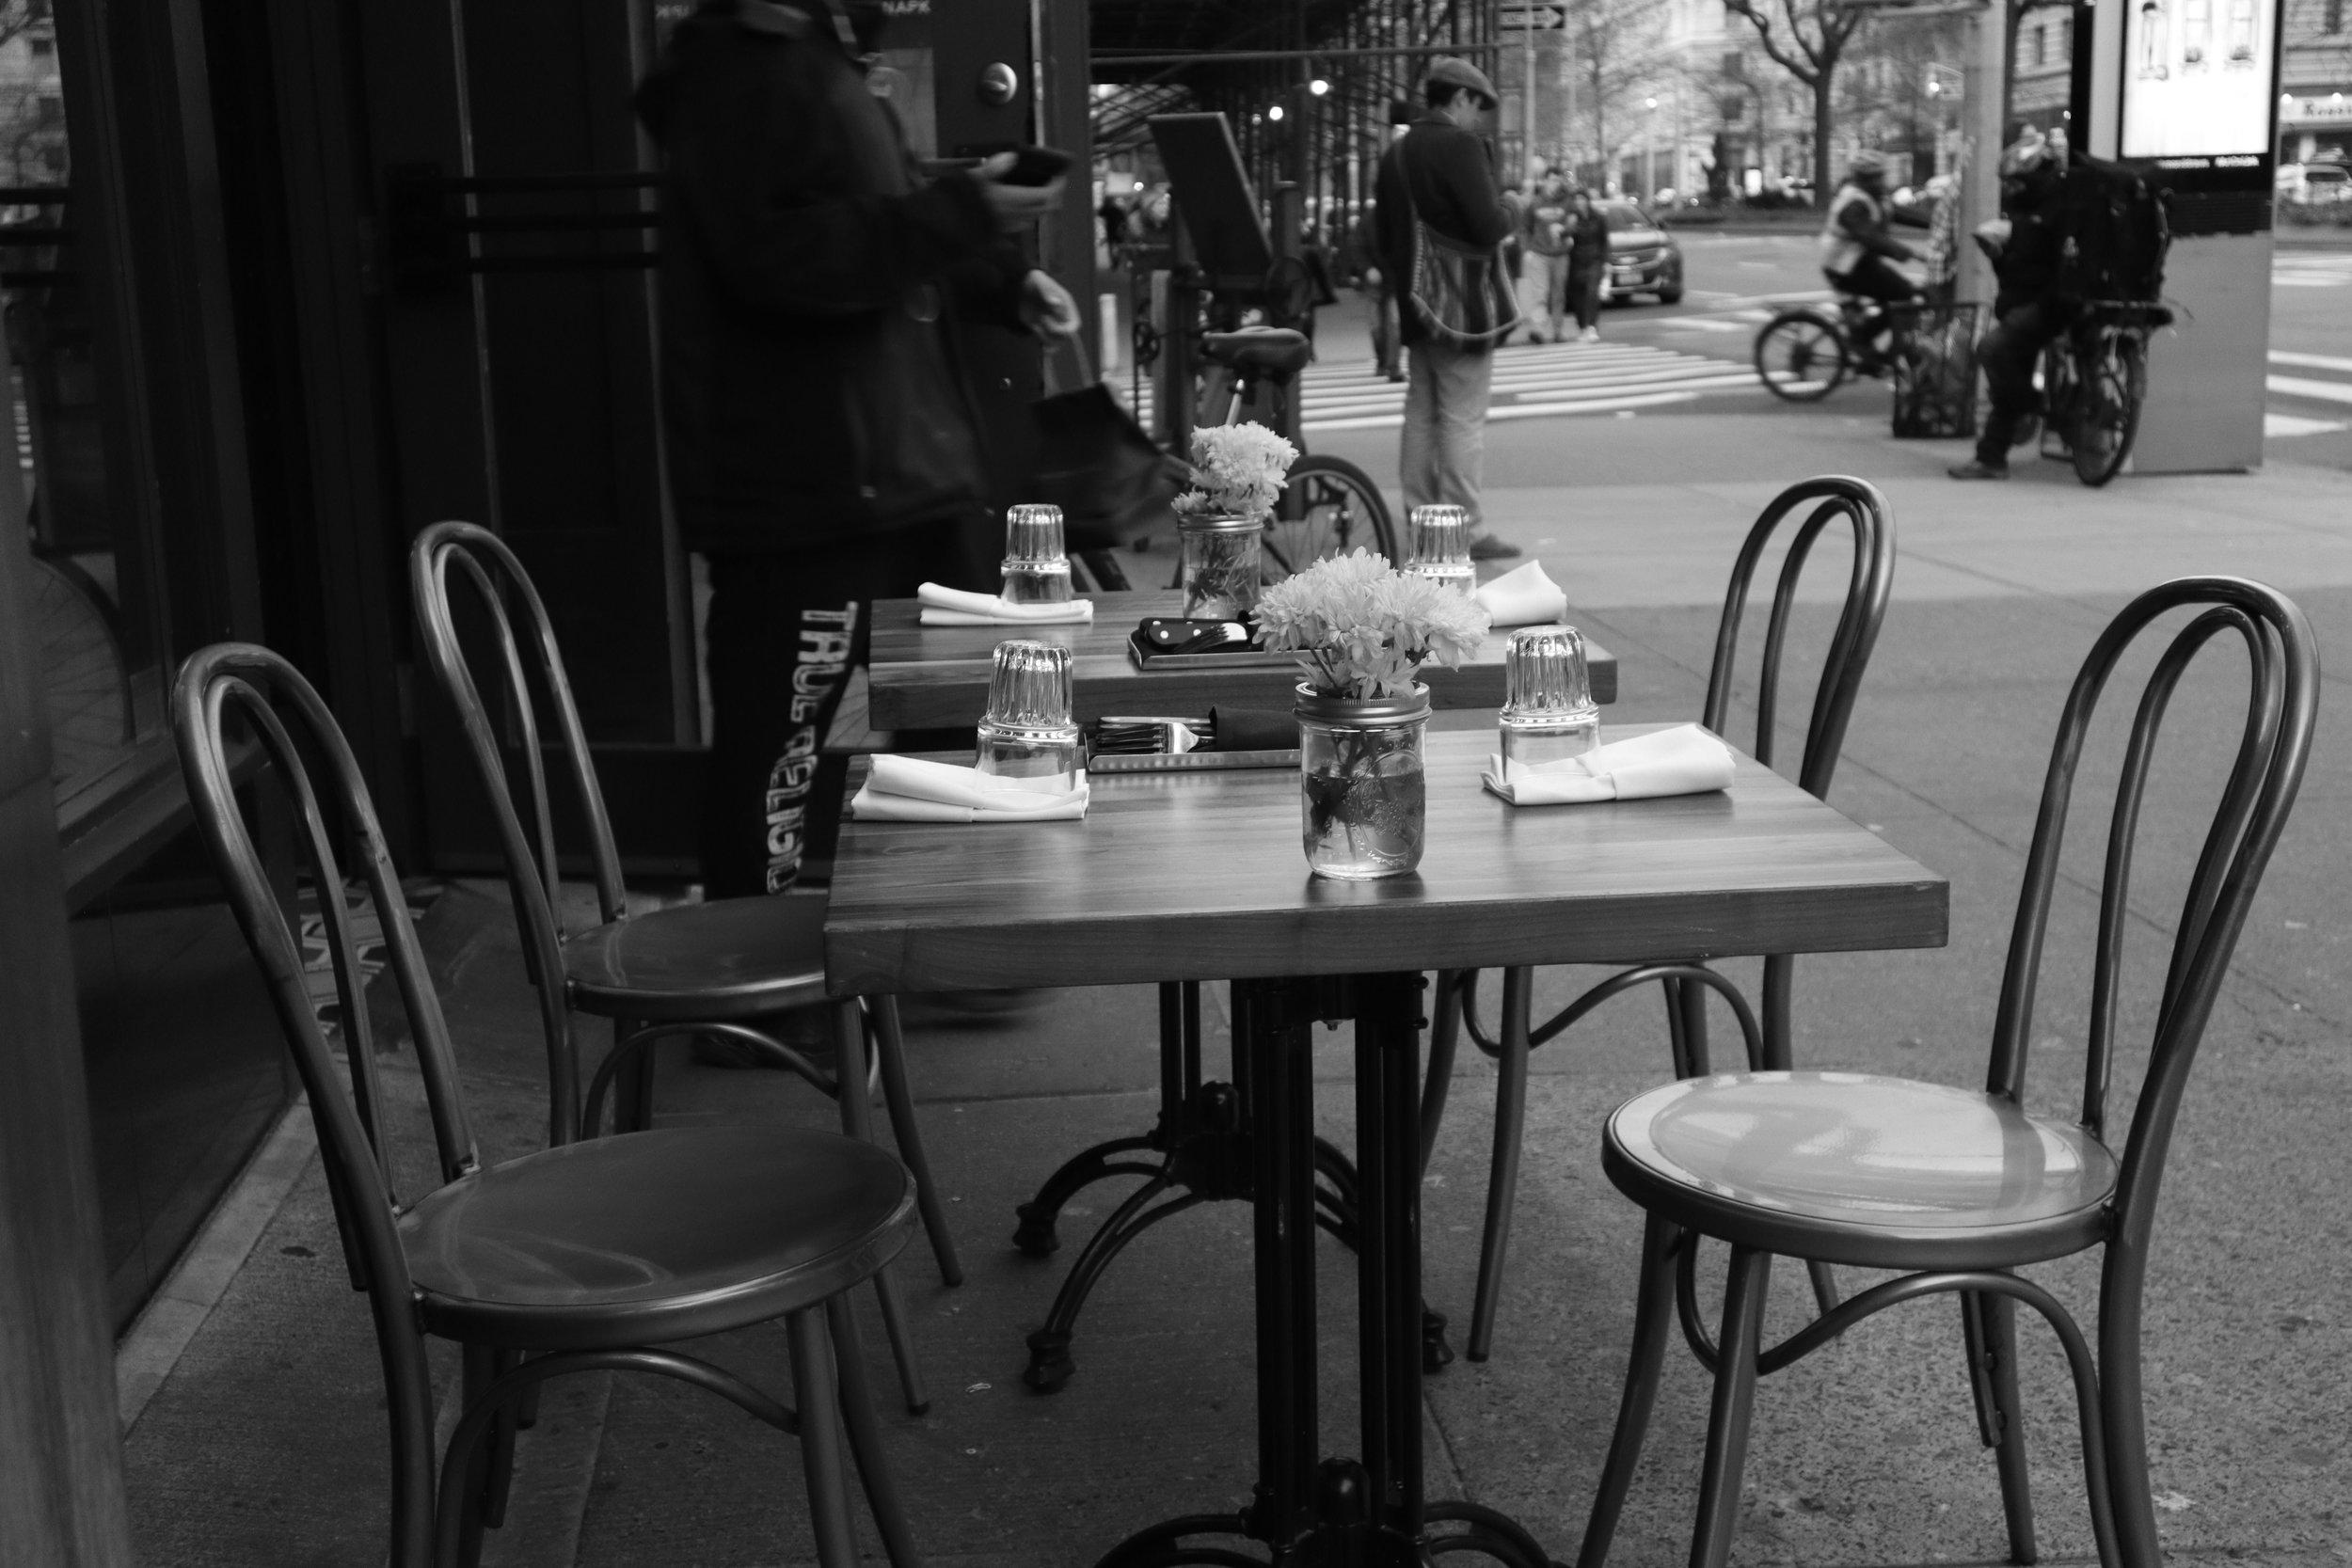 Brunch outside in New York